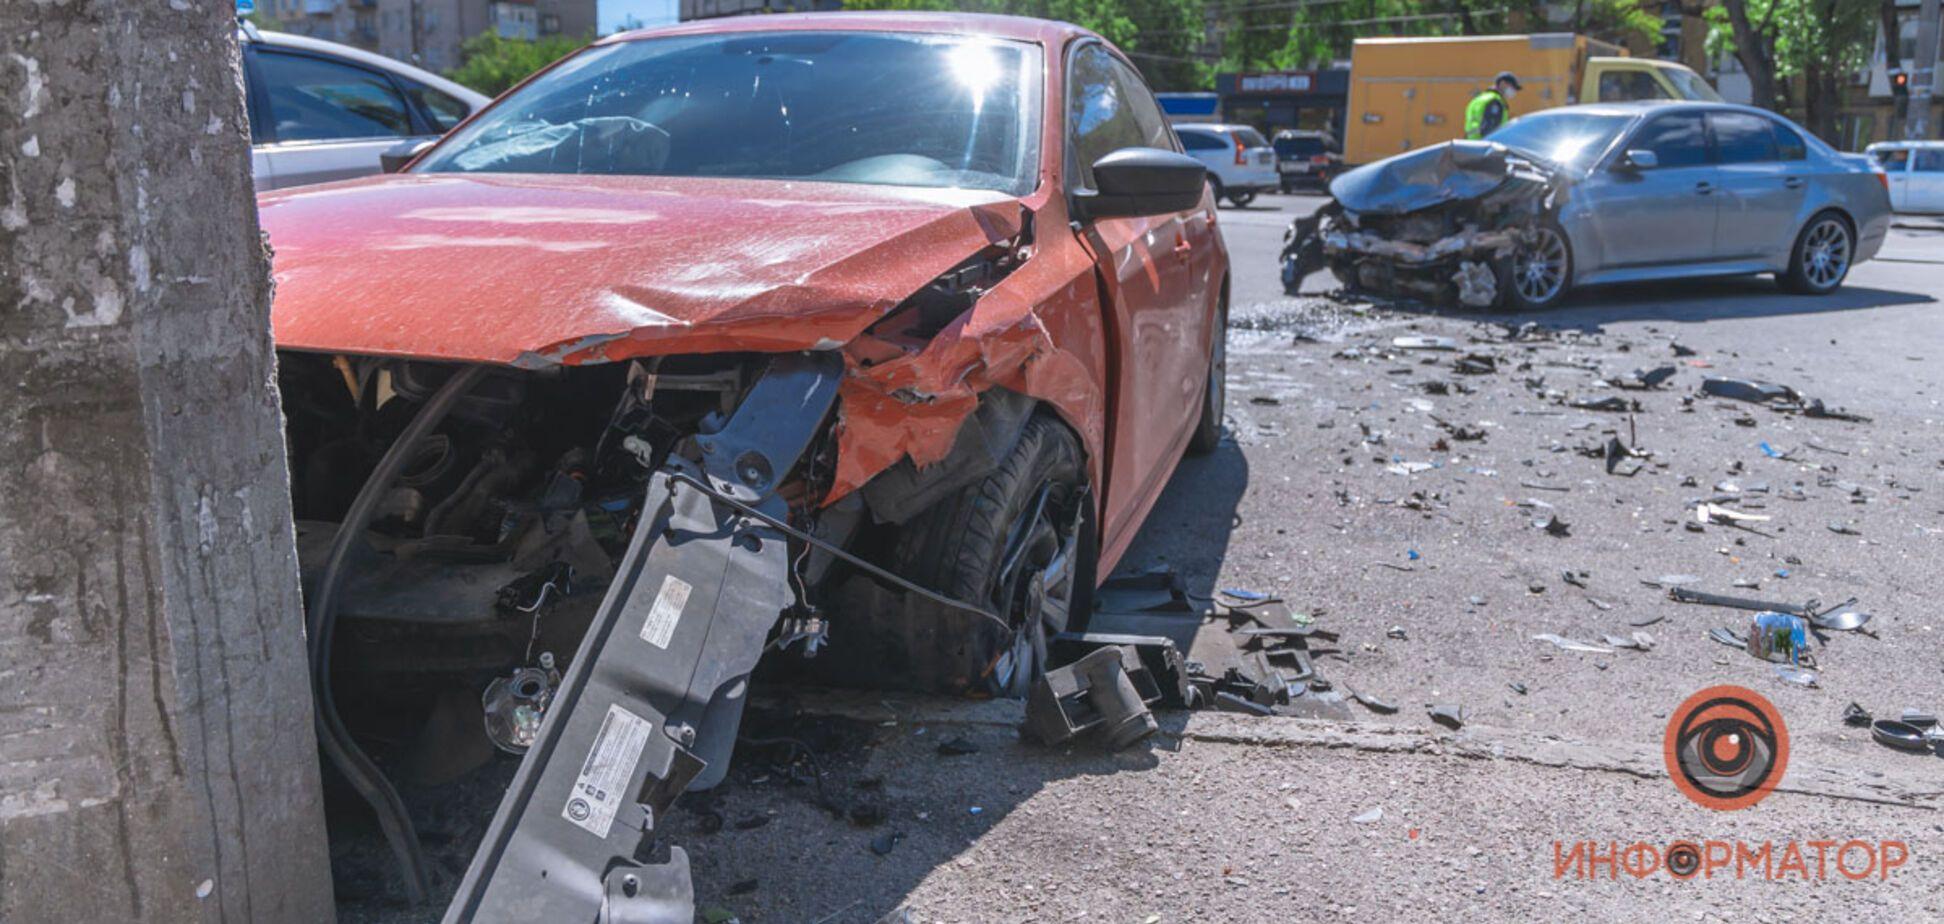 У Дніпрі трапилася страшна ДТП на перехресті: постраждали троє людей